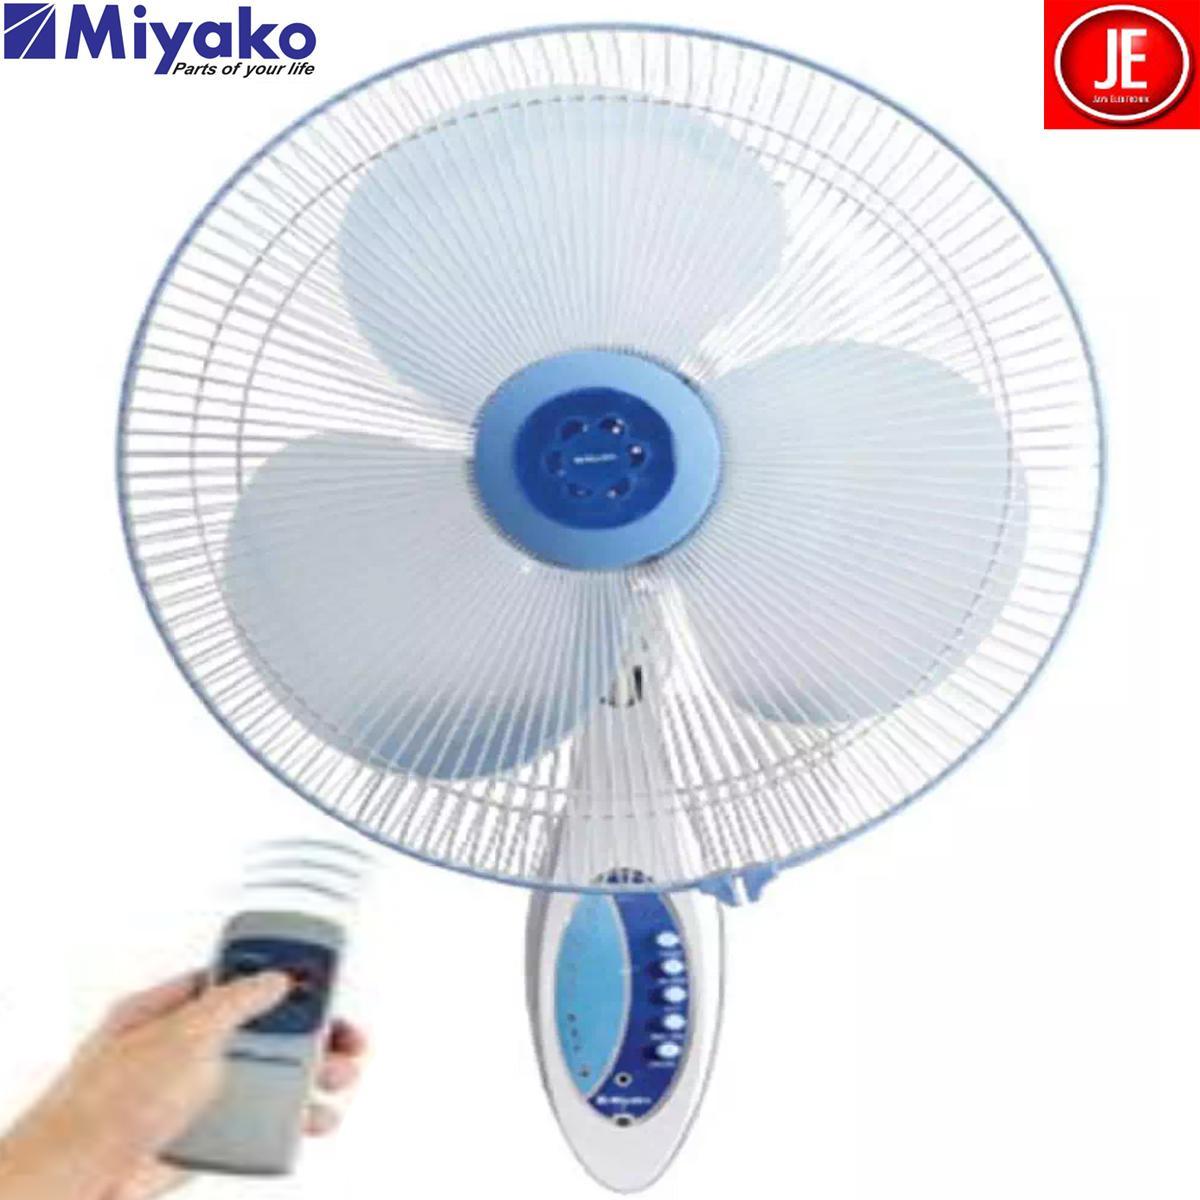 MIYAKO Kipas Angin Dinding Wall Electric Fan Remote KAW-1689 RC garansi resmi